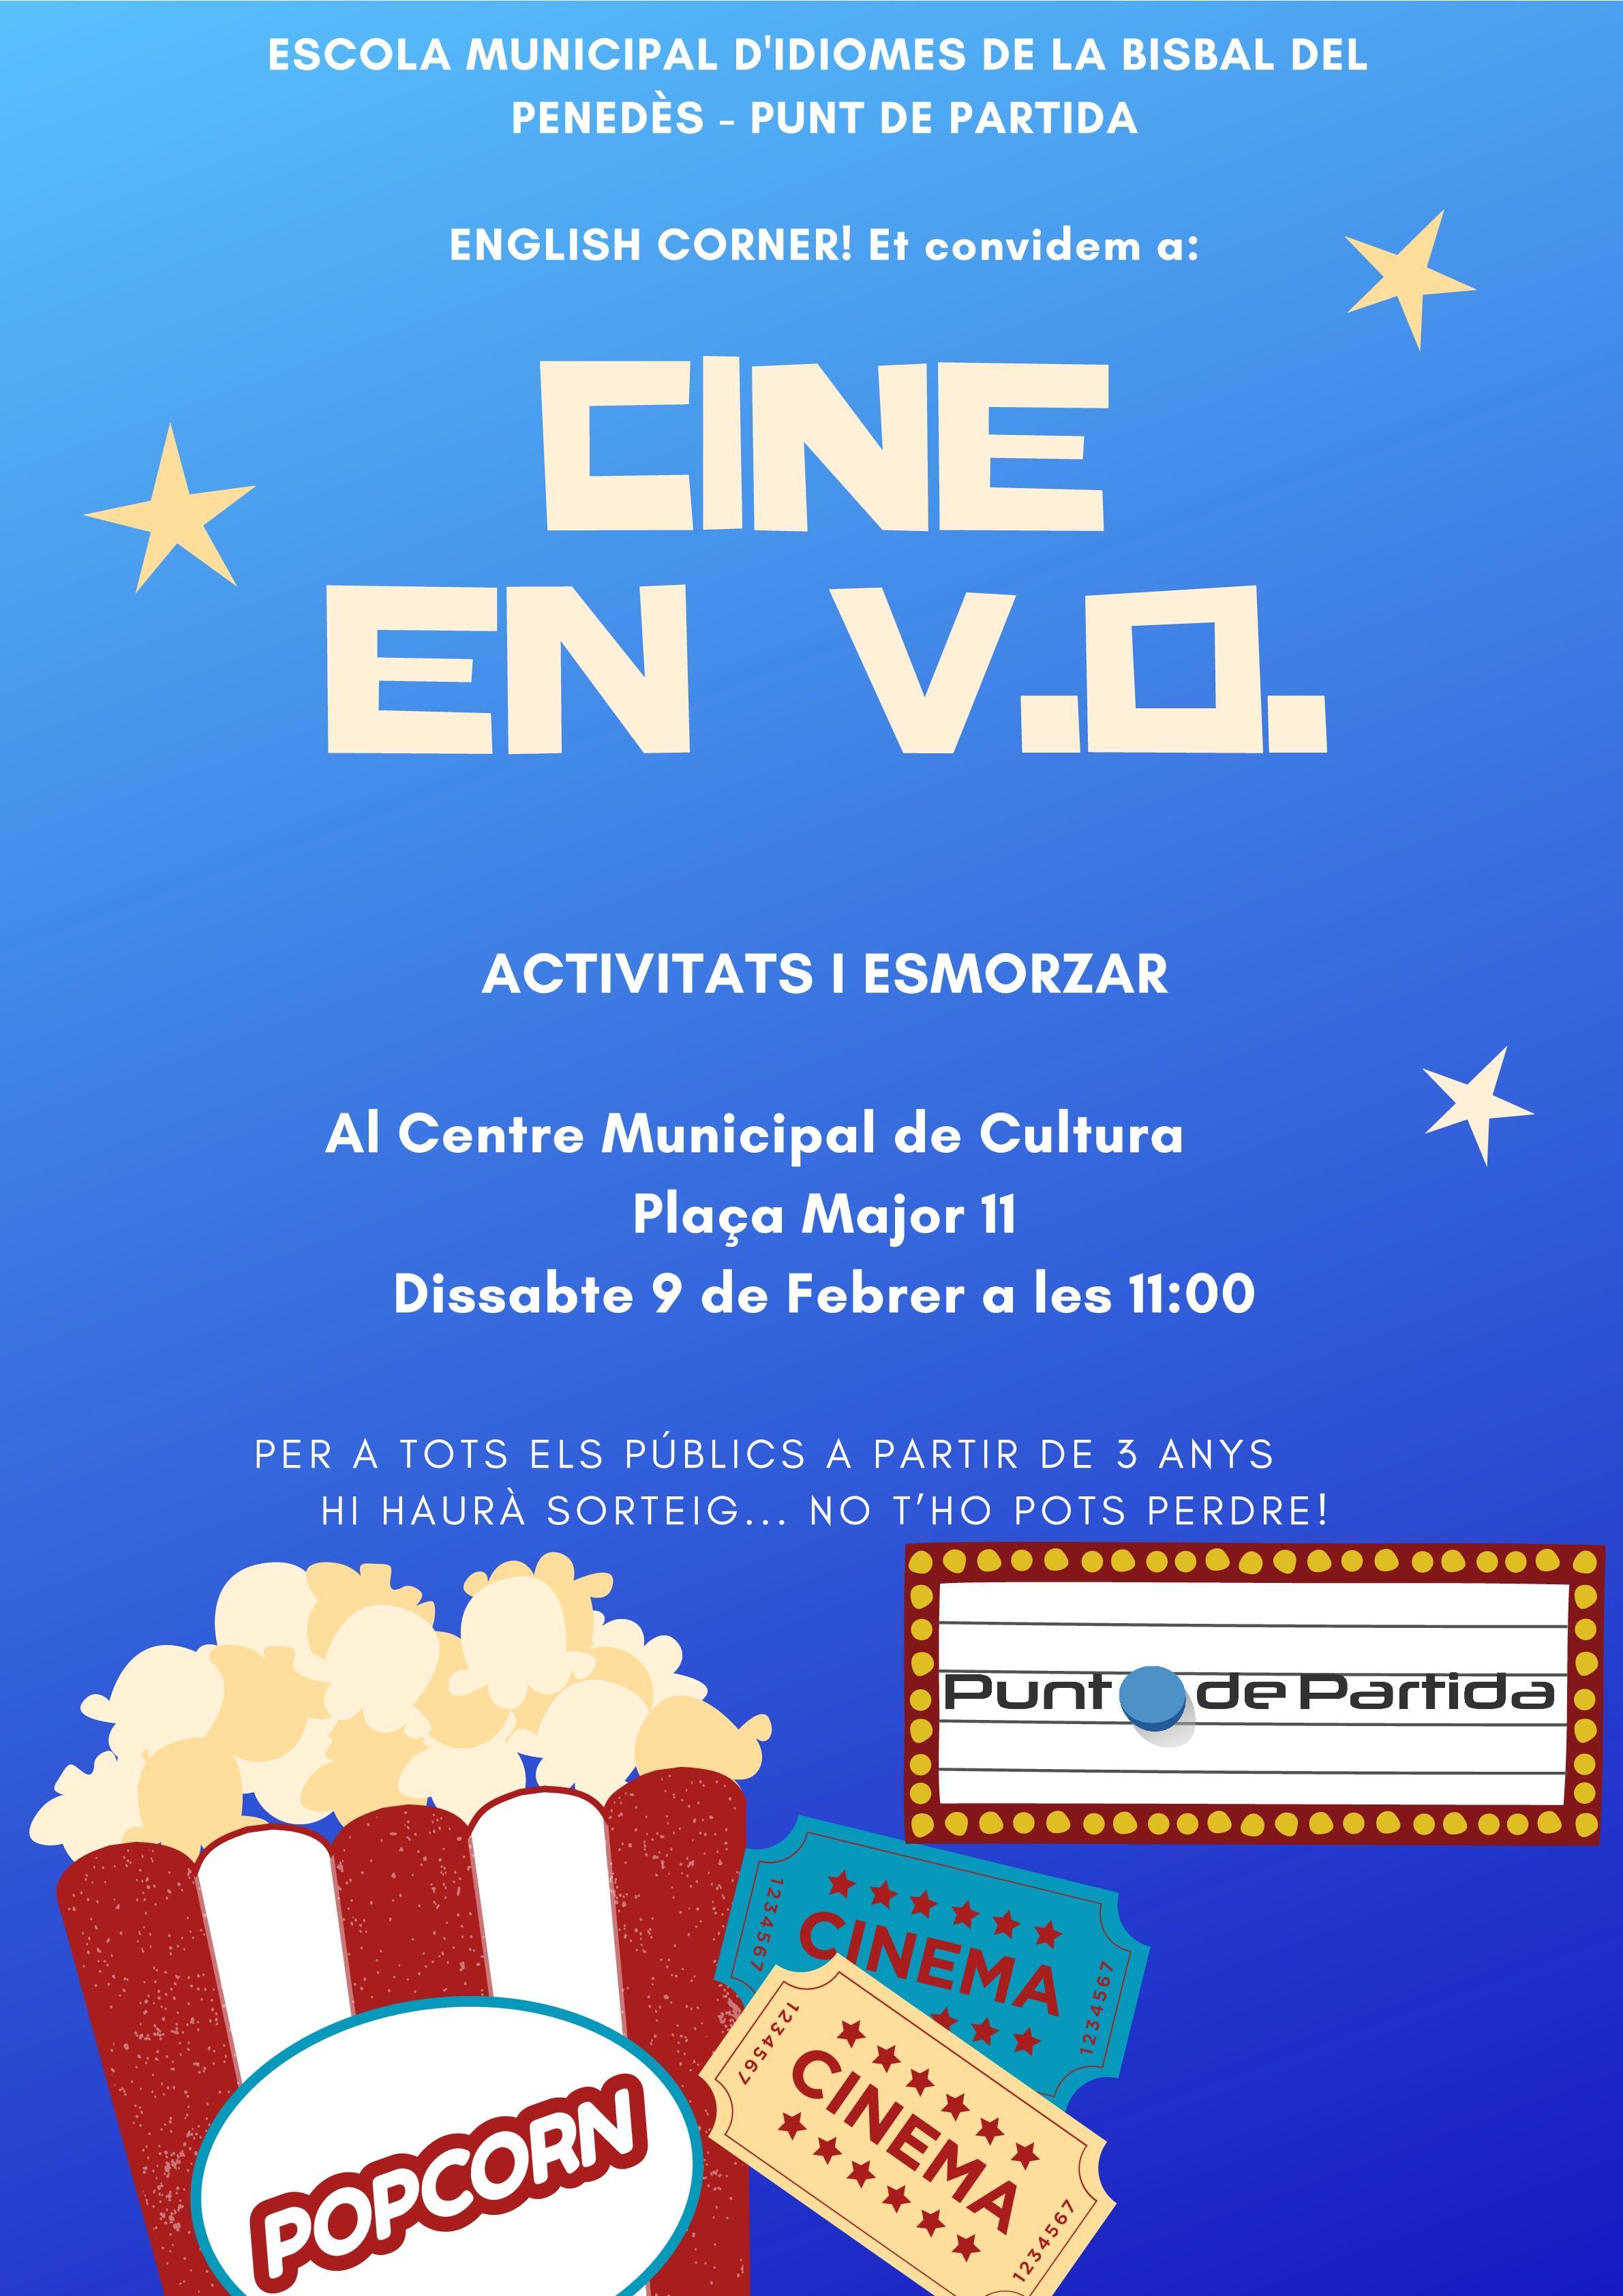 El dissabte 9 de febrer a les 11h hi haurà cinema en versió original al CMC